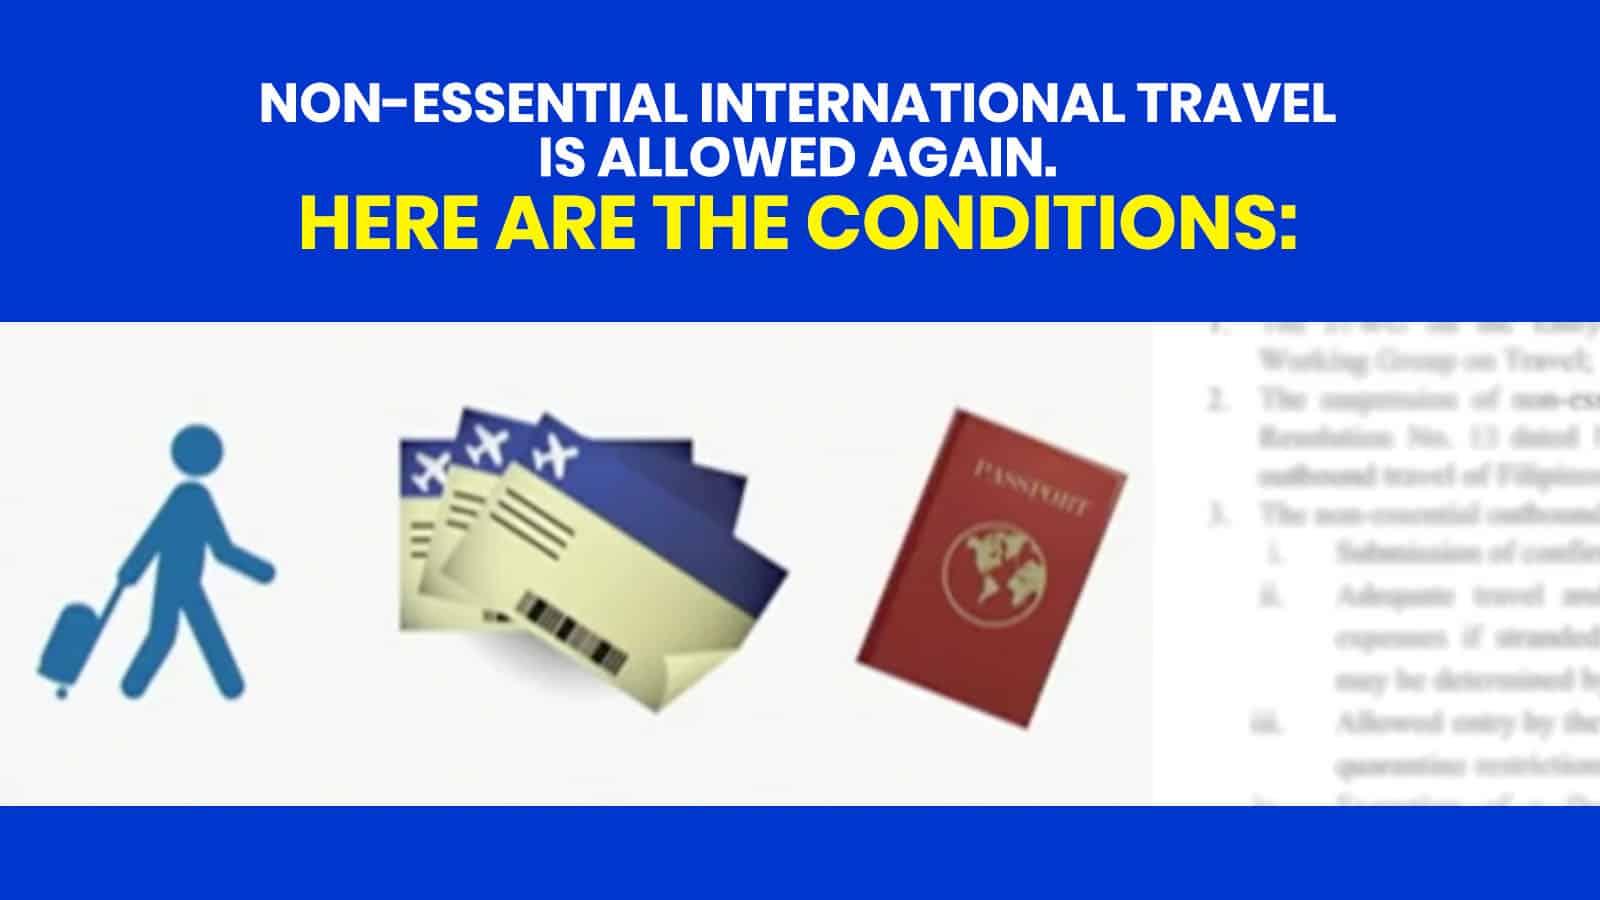 菲律宾人非必要国际旅行的要求 | 穷游者的行程安排博客